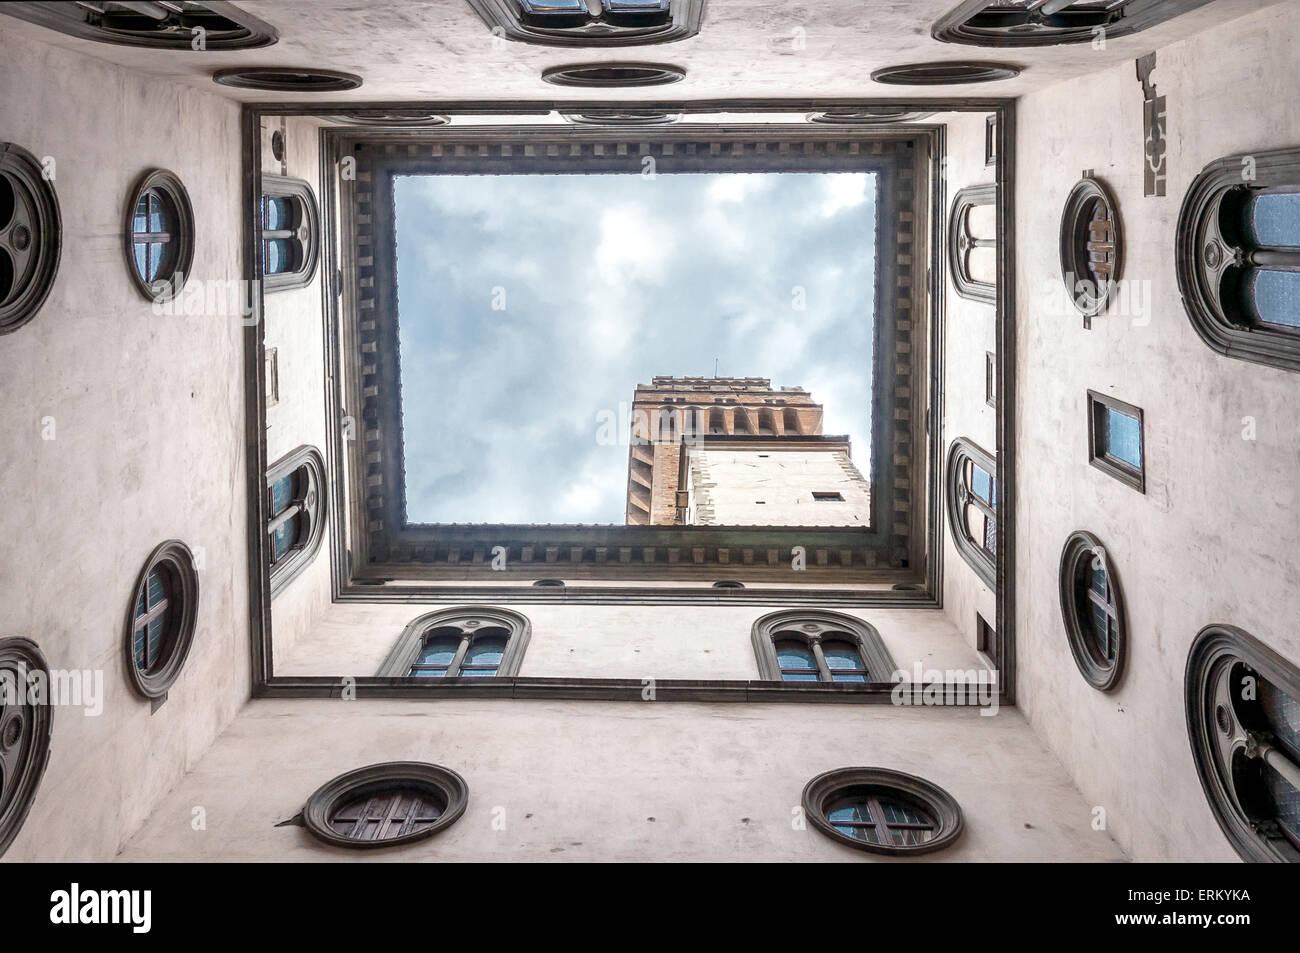 Palazzo Vecchio architettura e geometrie vista dal cortile in Firenze, Italia. Immagini Stock